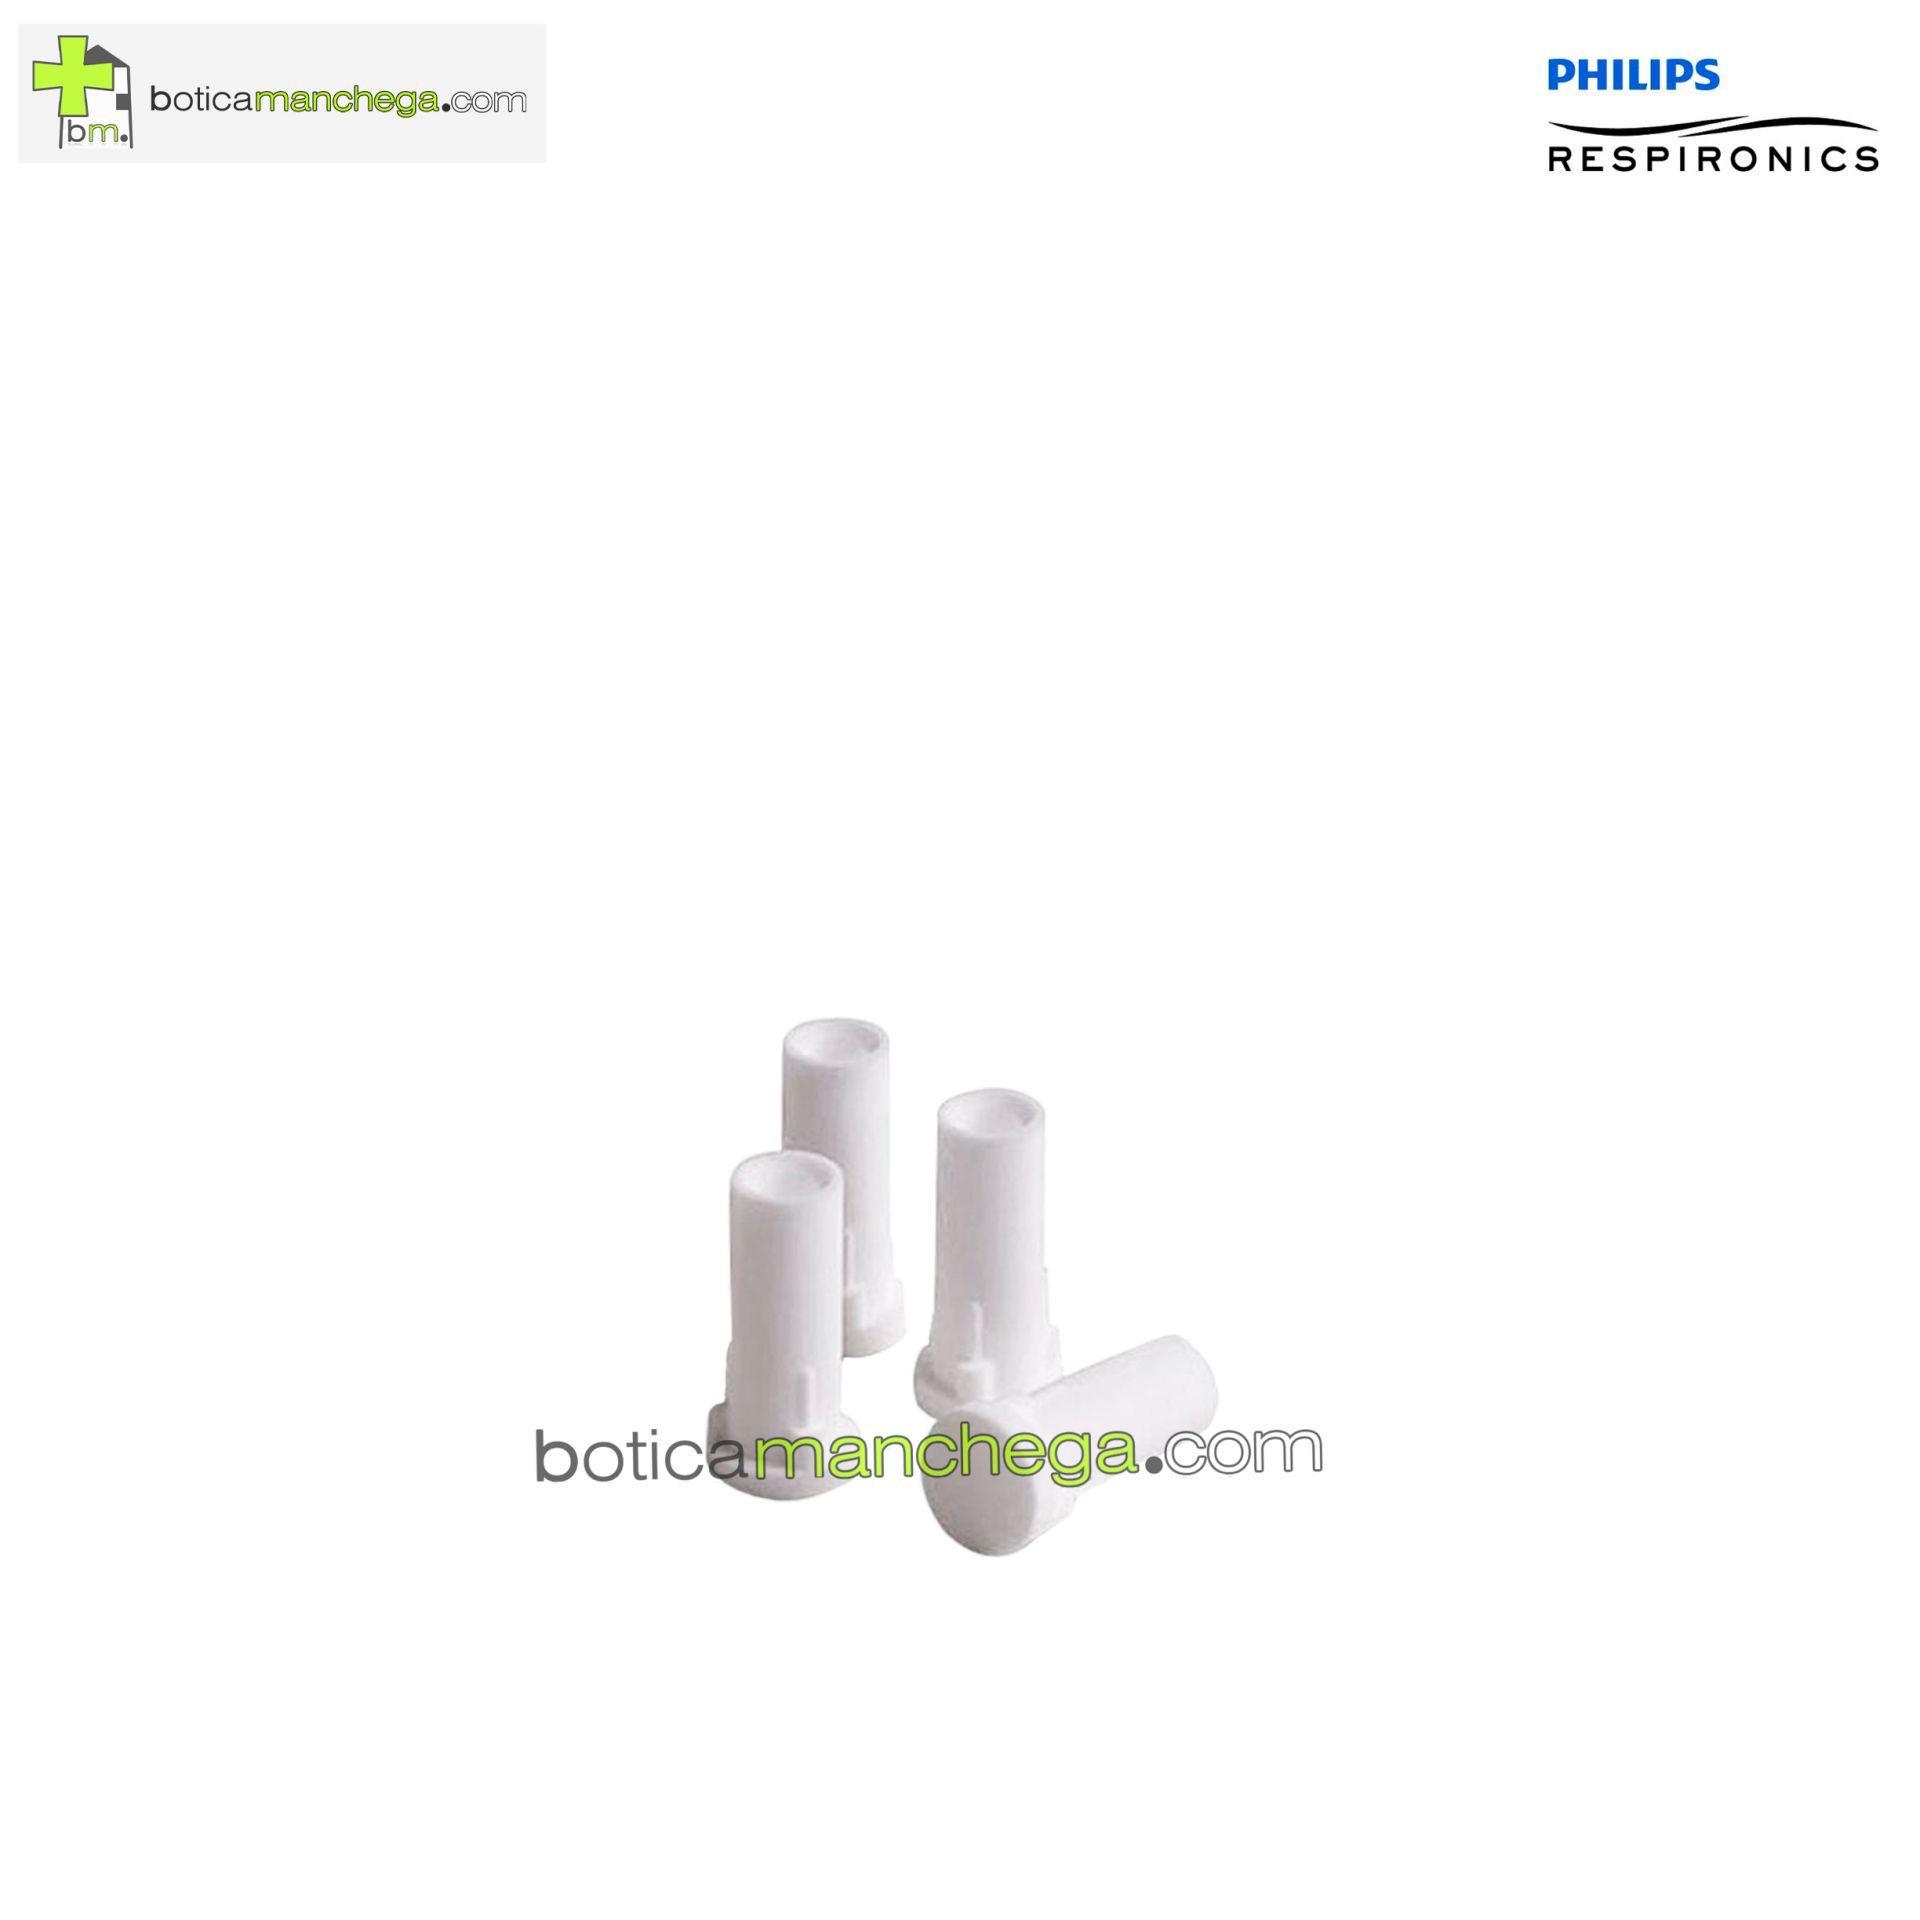 Filtros para Nebulizador Innospire, pack 4 unidades